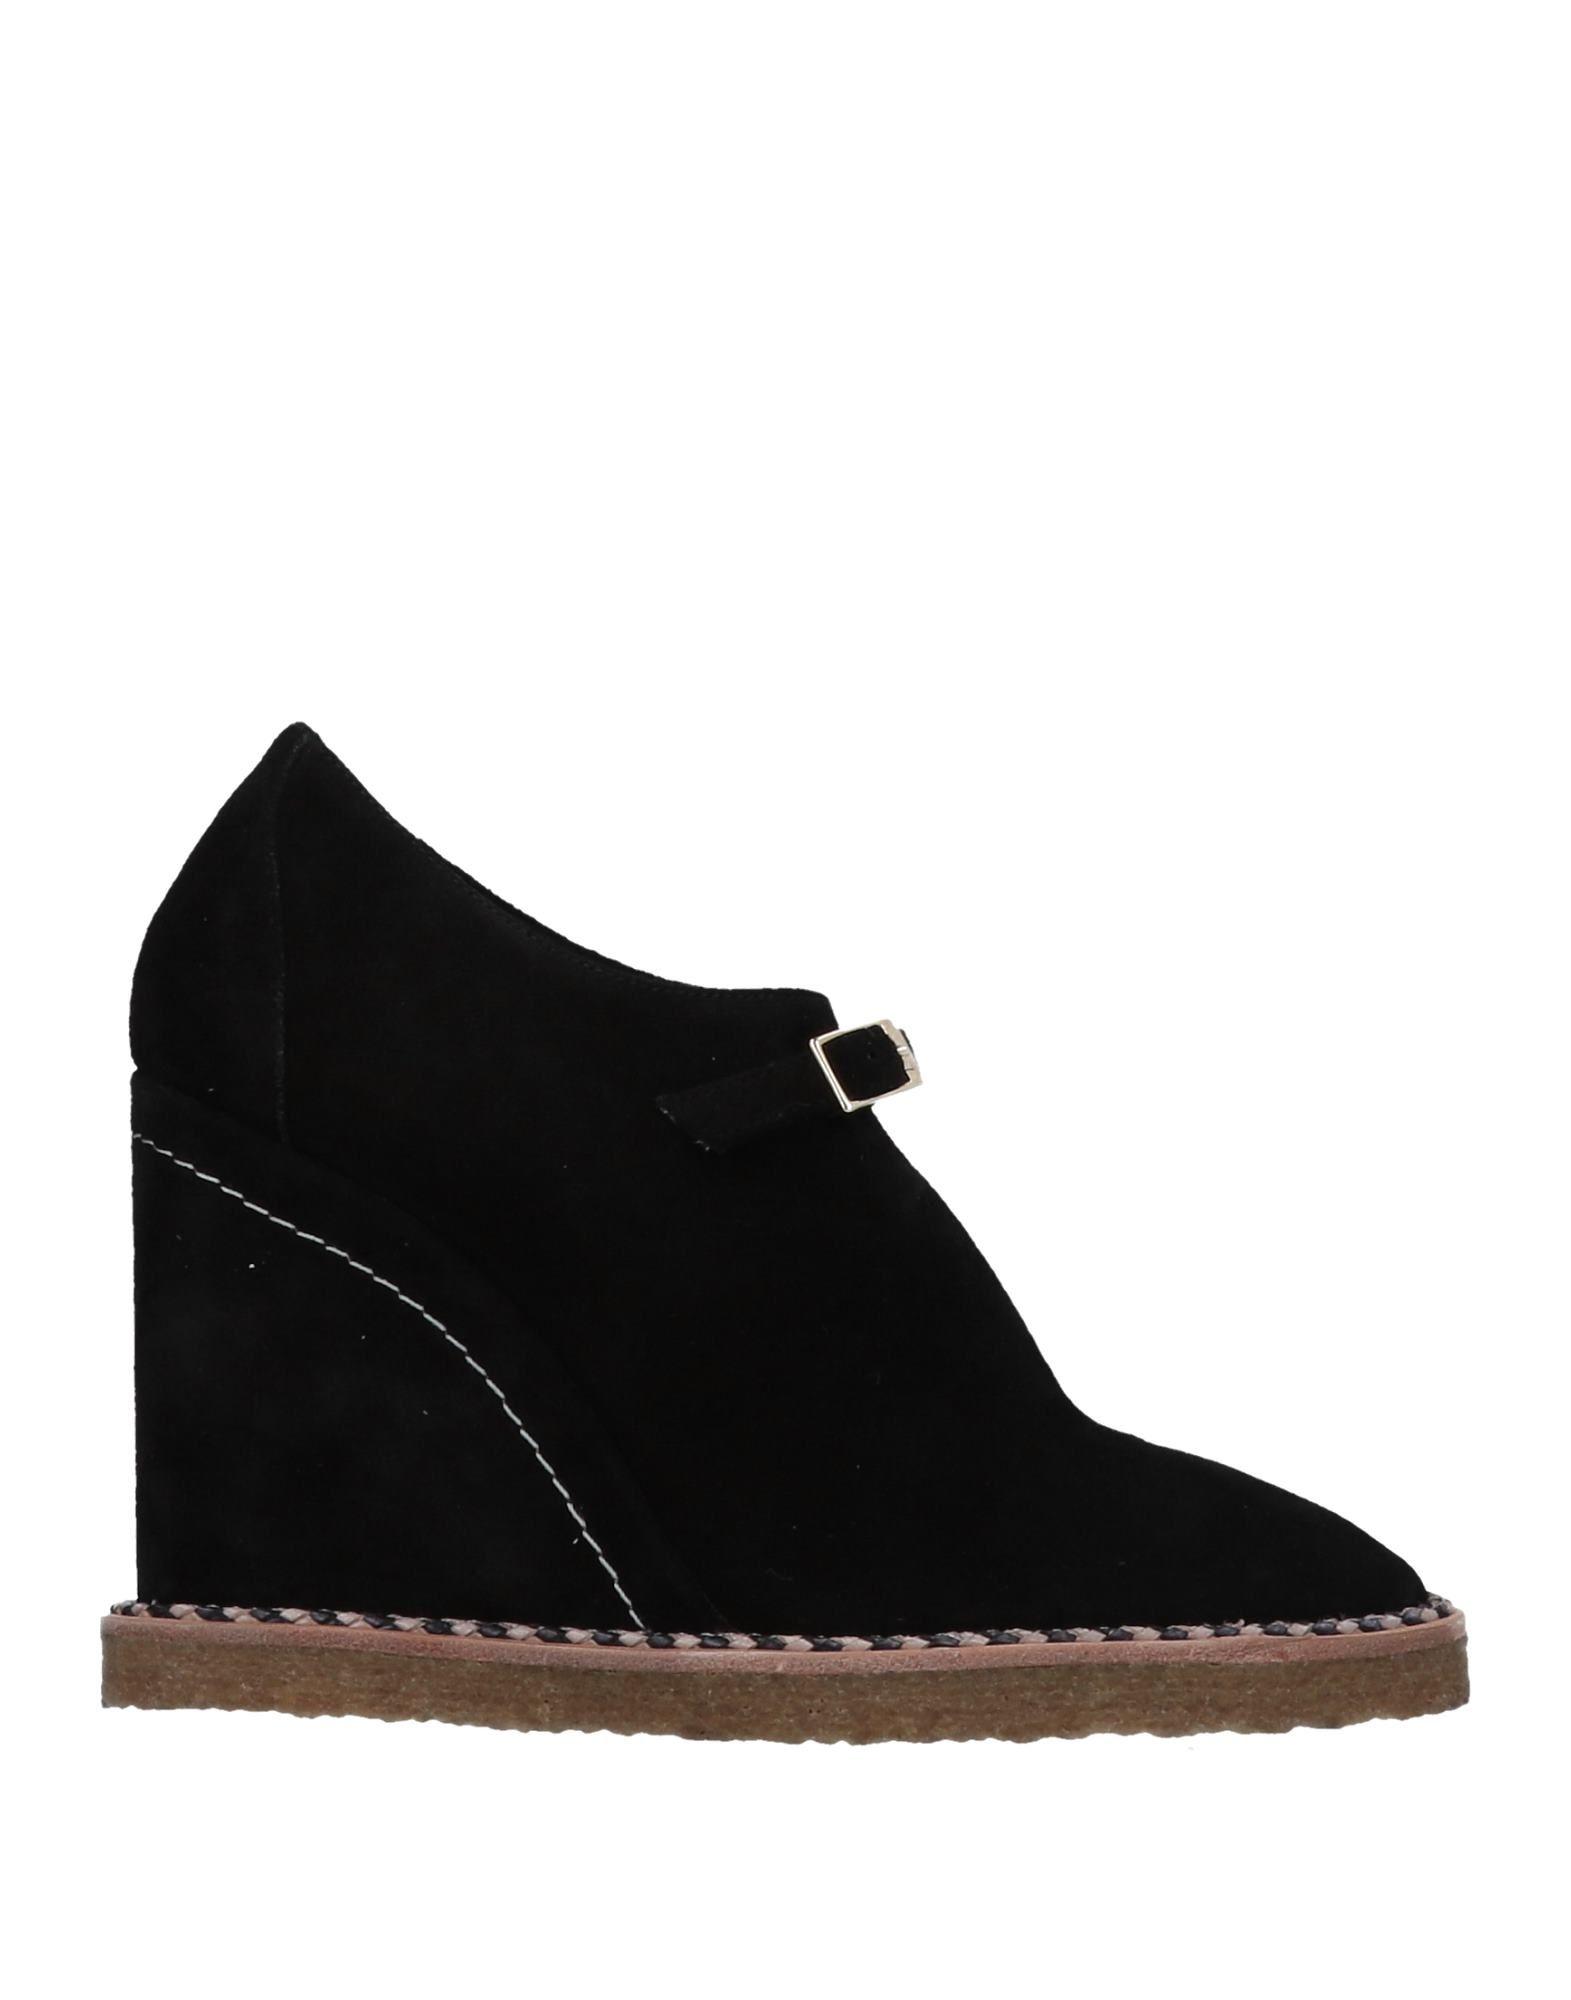 Gut um billige Schuhe zu  tragenPaloma Barceló Stiefelette Damen  zu 11512935WG 183ab9